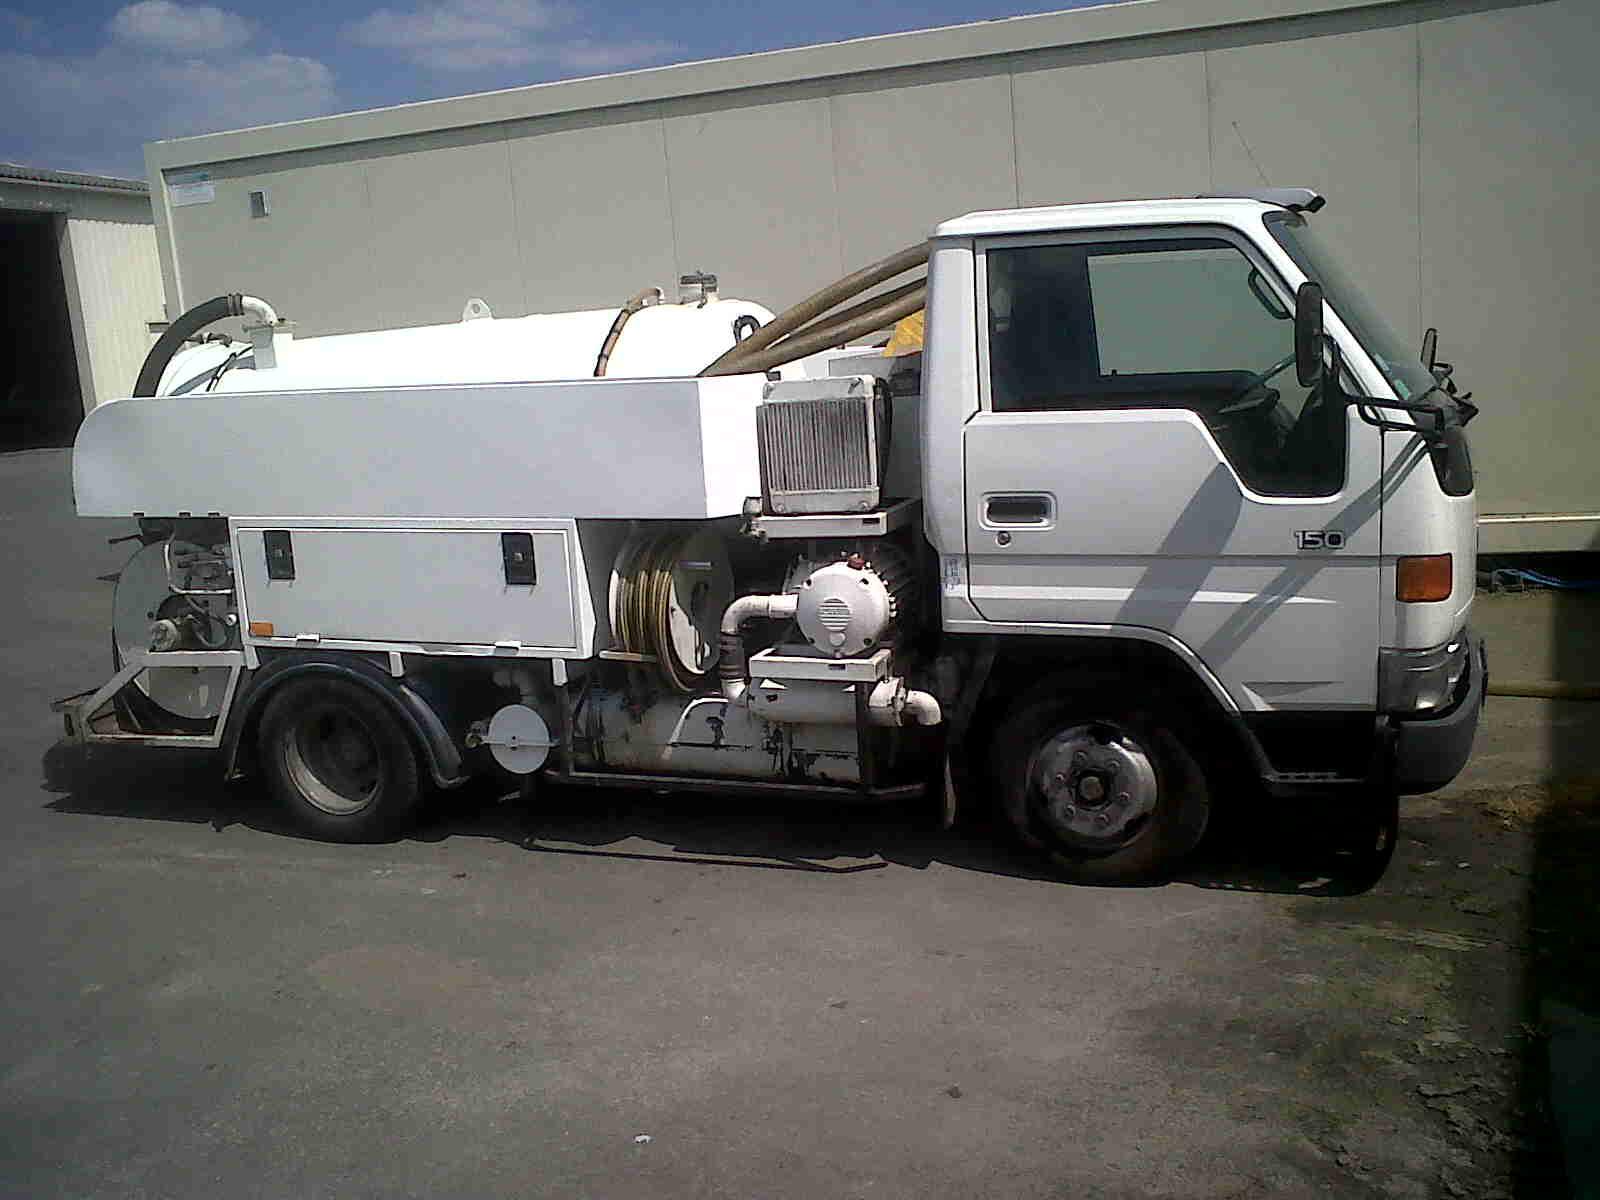 Oriad Poitou Charentes - Intervention 24/7 La rochelle Niort - Recherche de fuite, vidange canalisation, diagnostic réseau - Camion hydrocureur léger